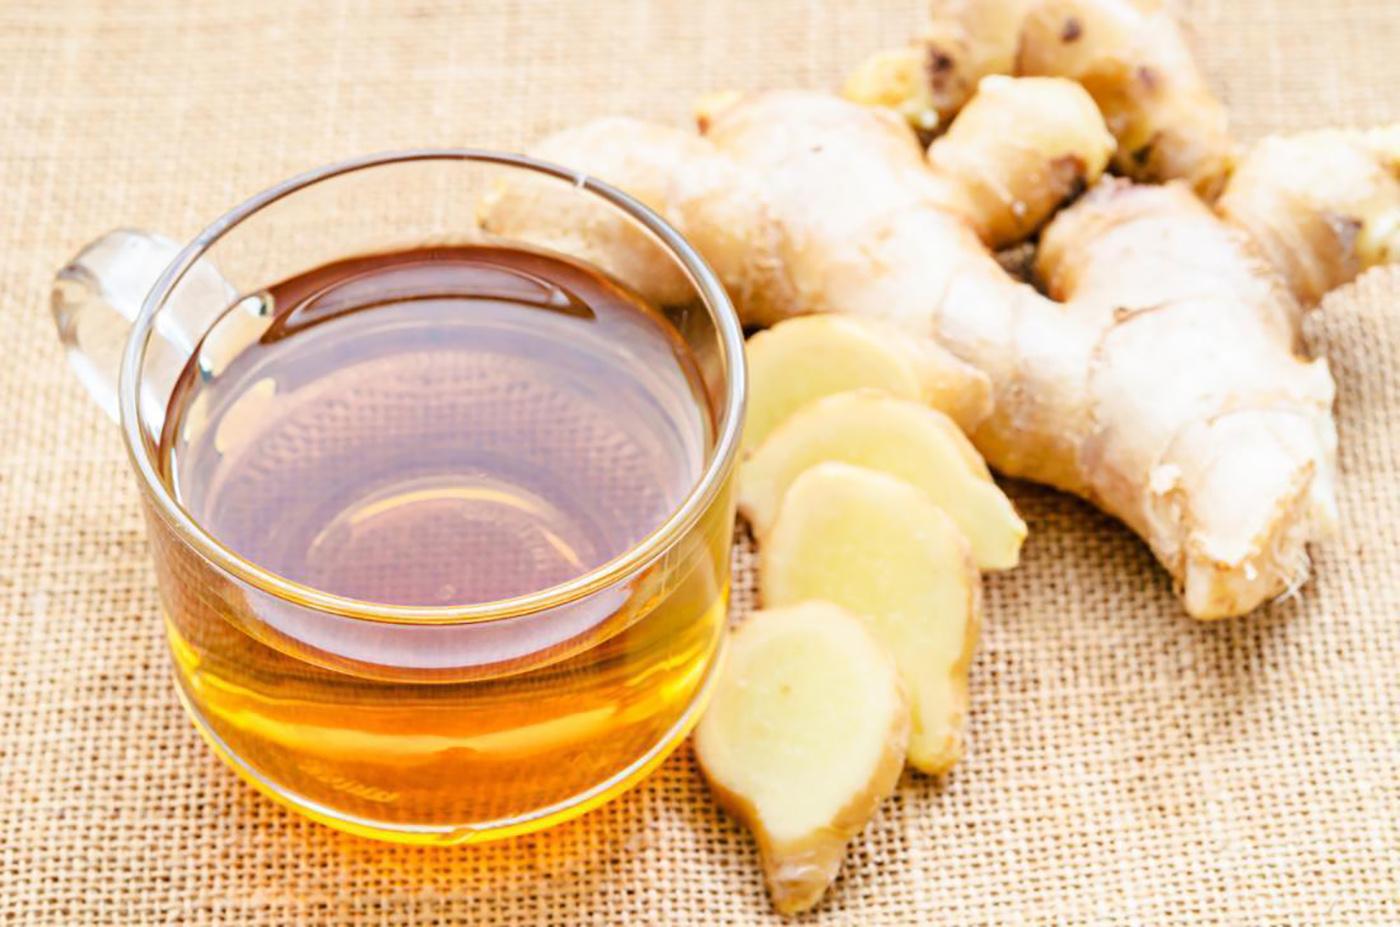 ماذا يحدث لجسمك عند تناول الشاي بالزنجبيل يومياً؟ - البيان الصحي - البيان